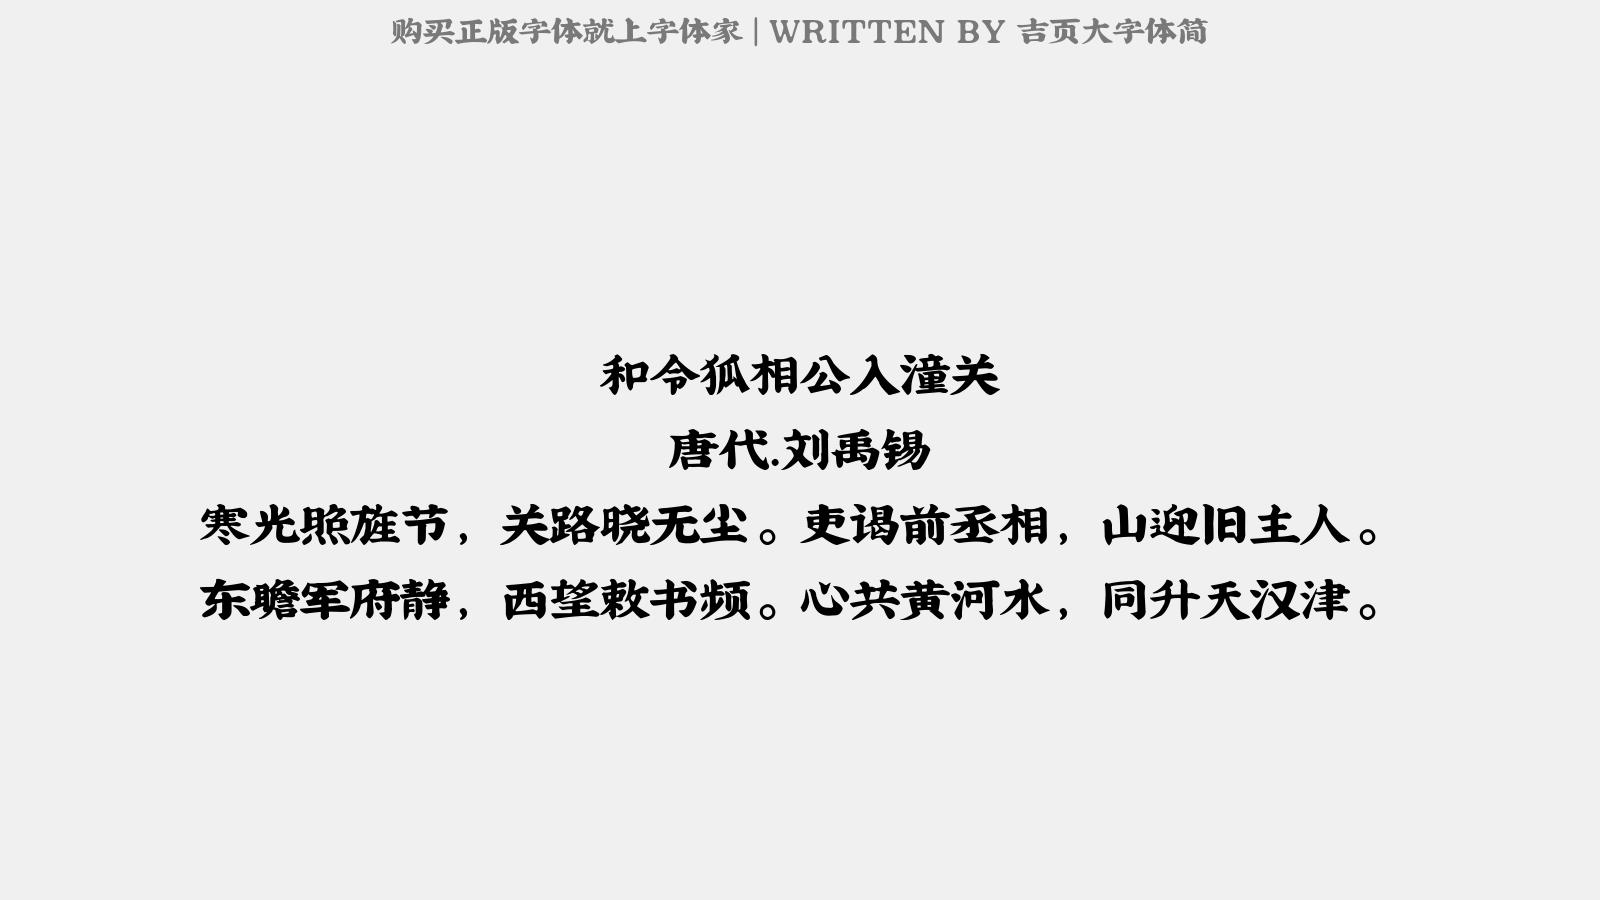 吉頁大字體簡 - 和令狐相公入潼關